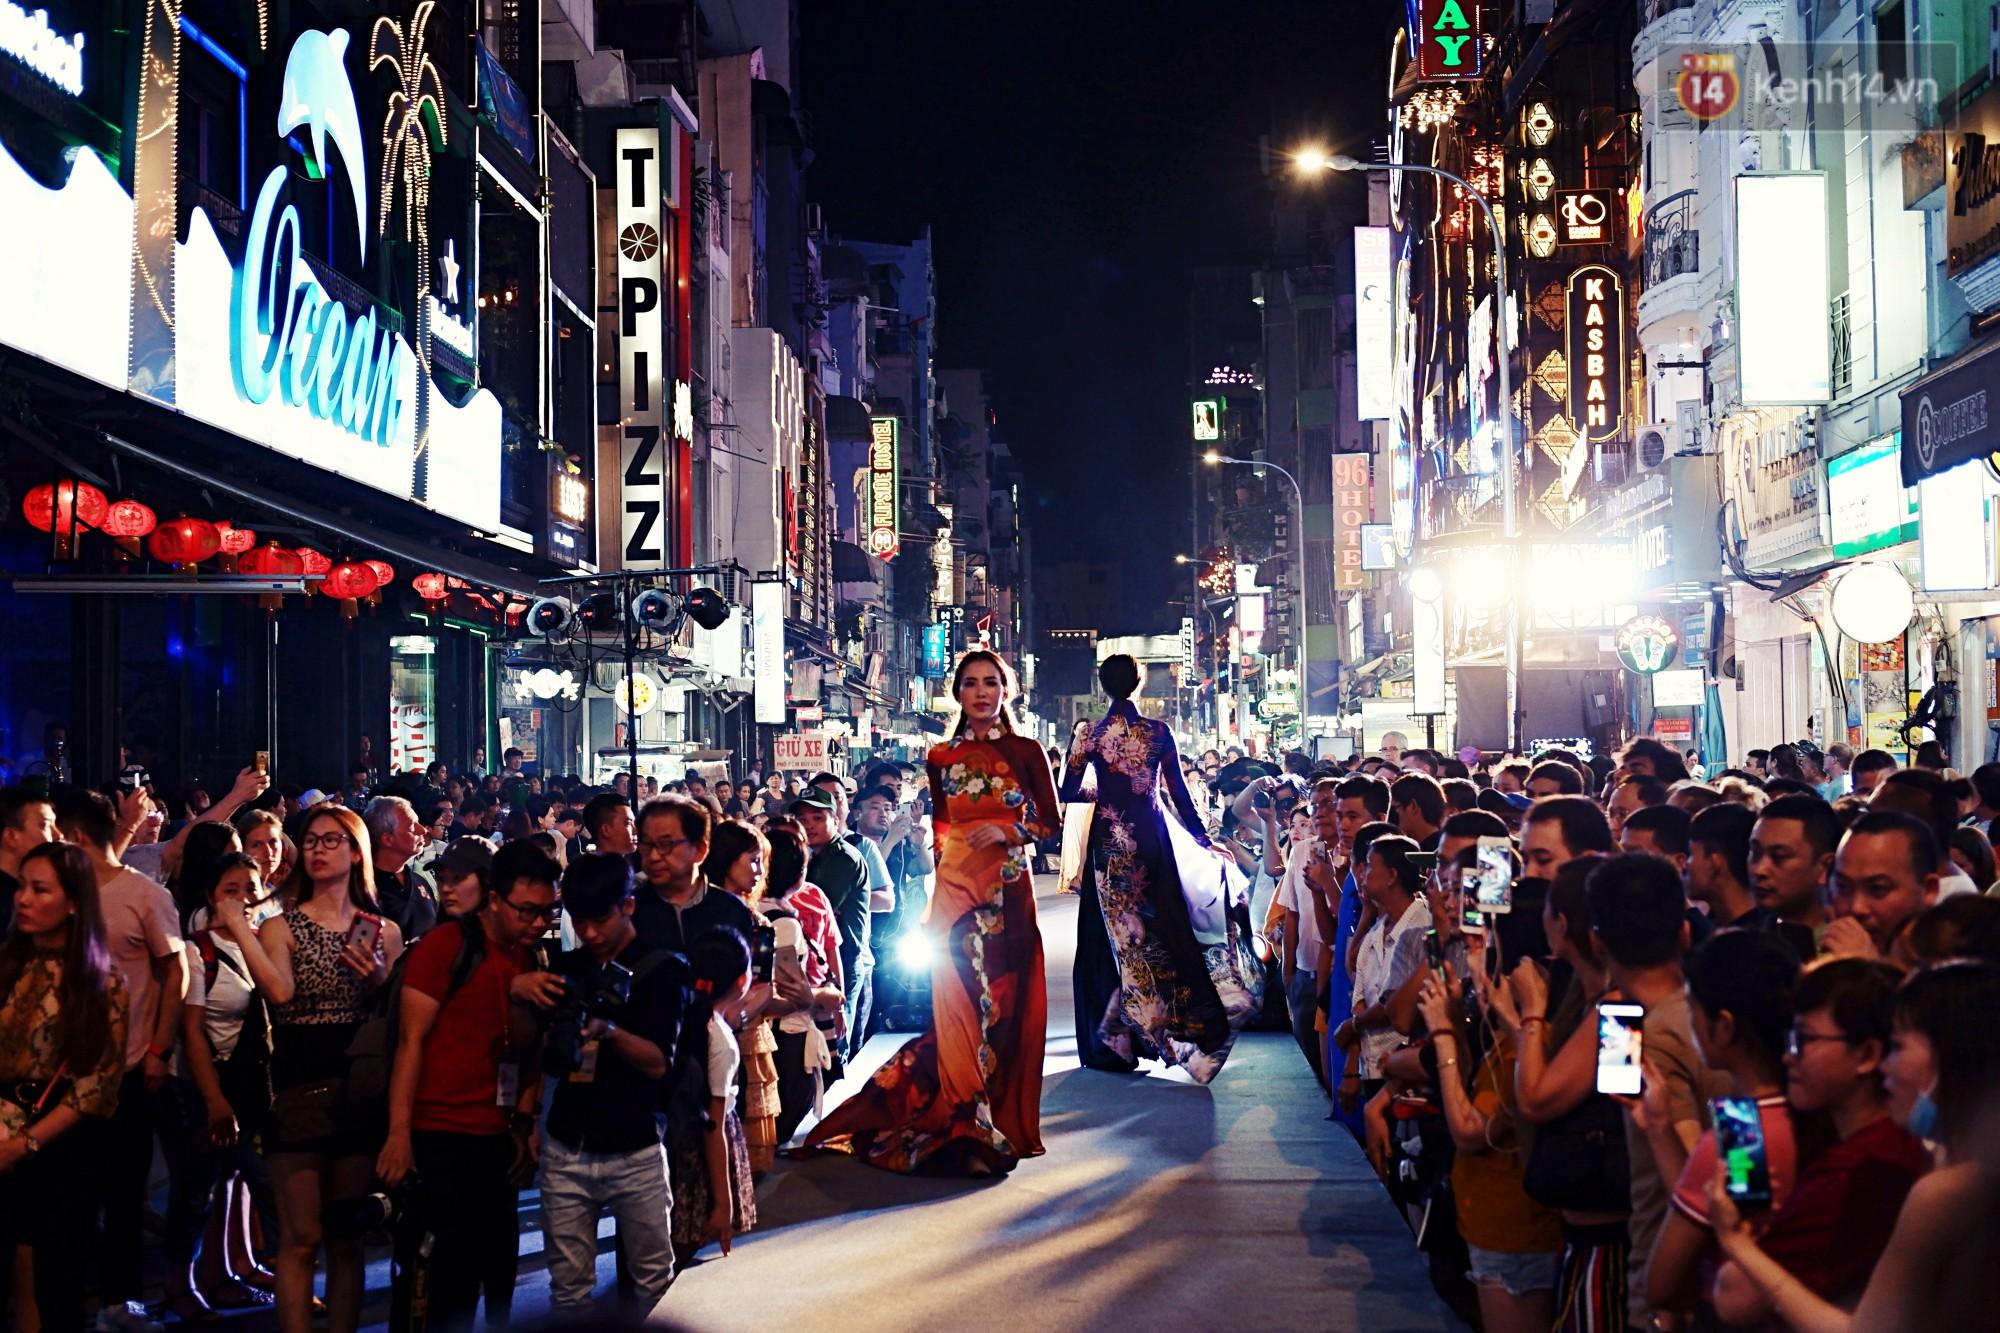 Phố đi bộ Bùi Viện náo nhiệt với màn trình diễn áo dài ấn tượng, du khách nước ngoài thích thú chiêm ngưỡng - Ảnh 1.